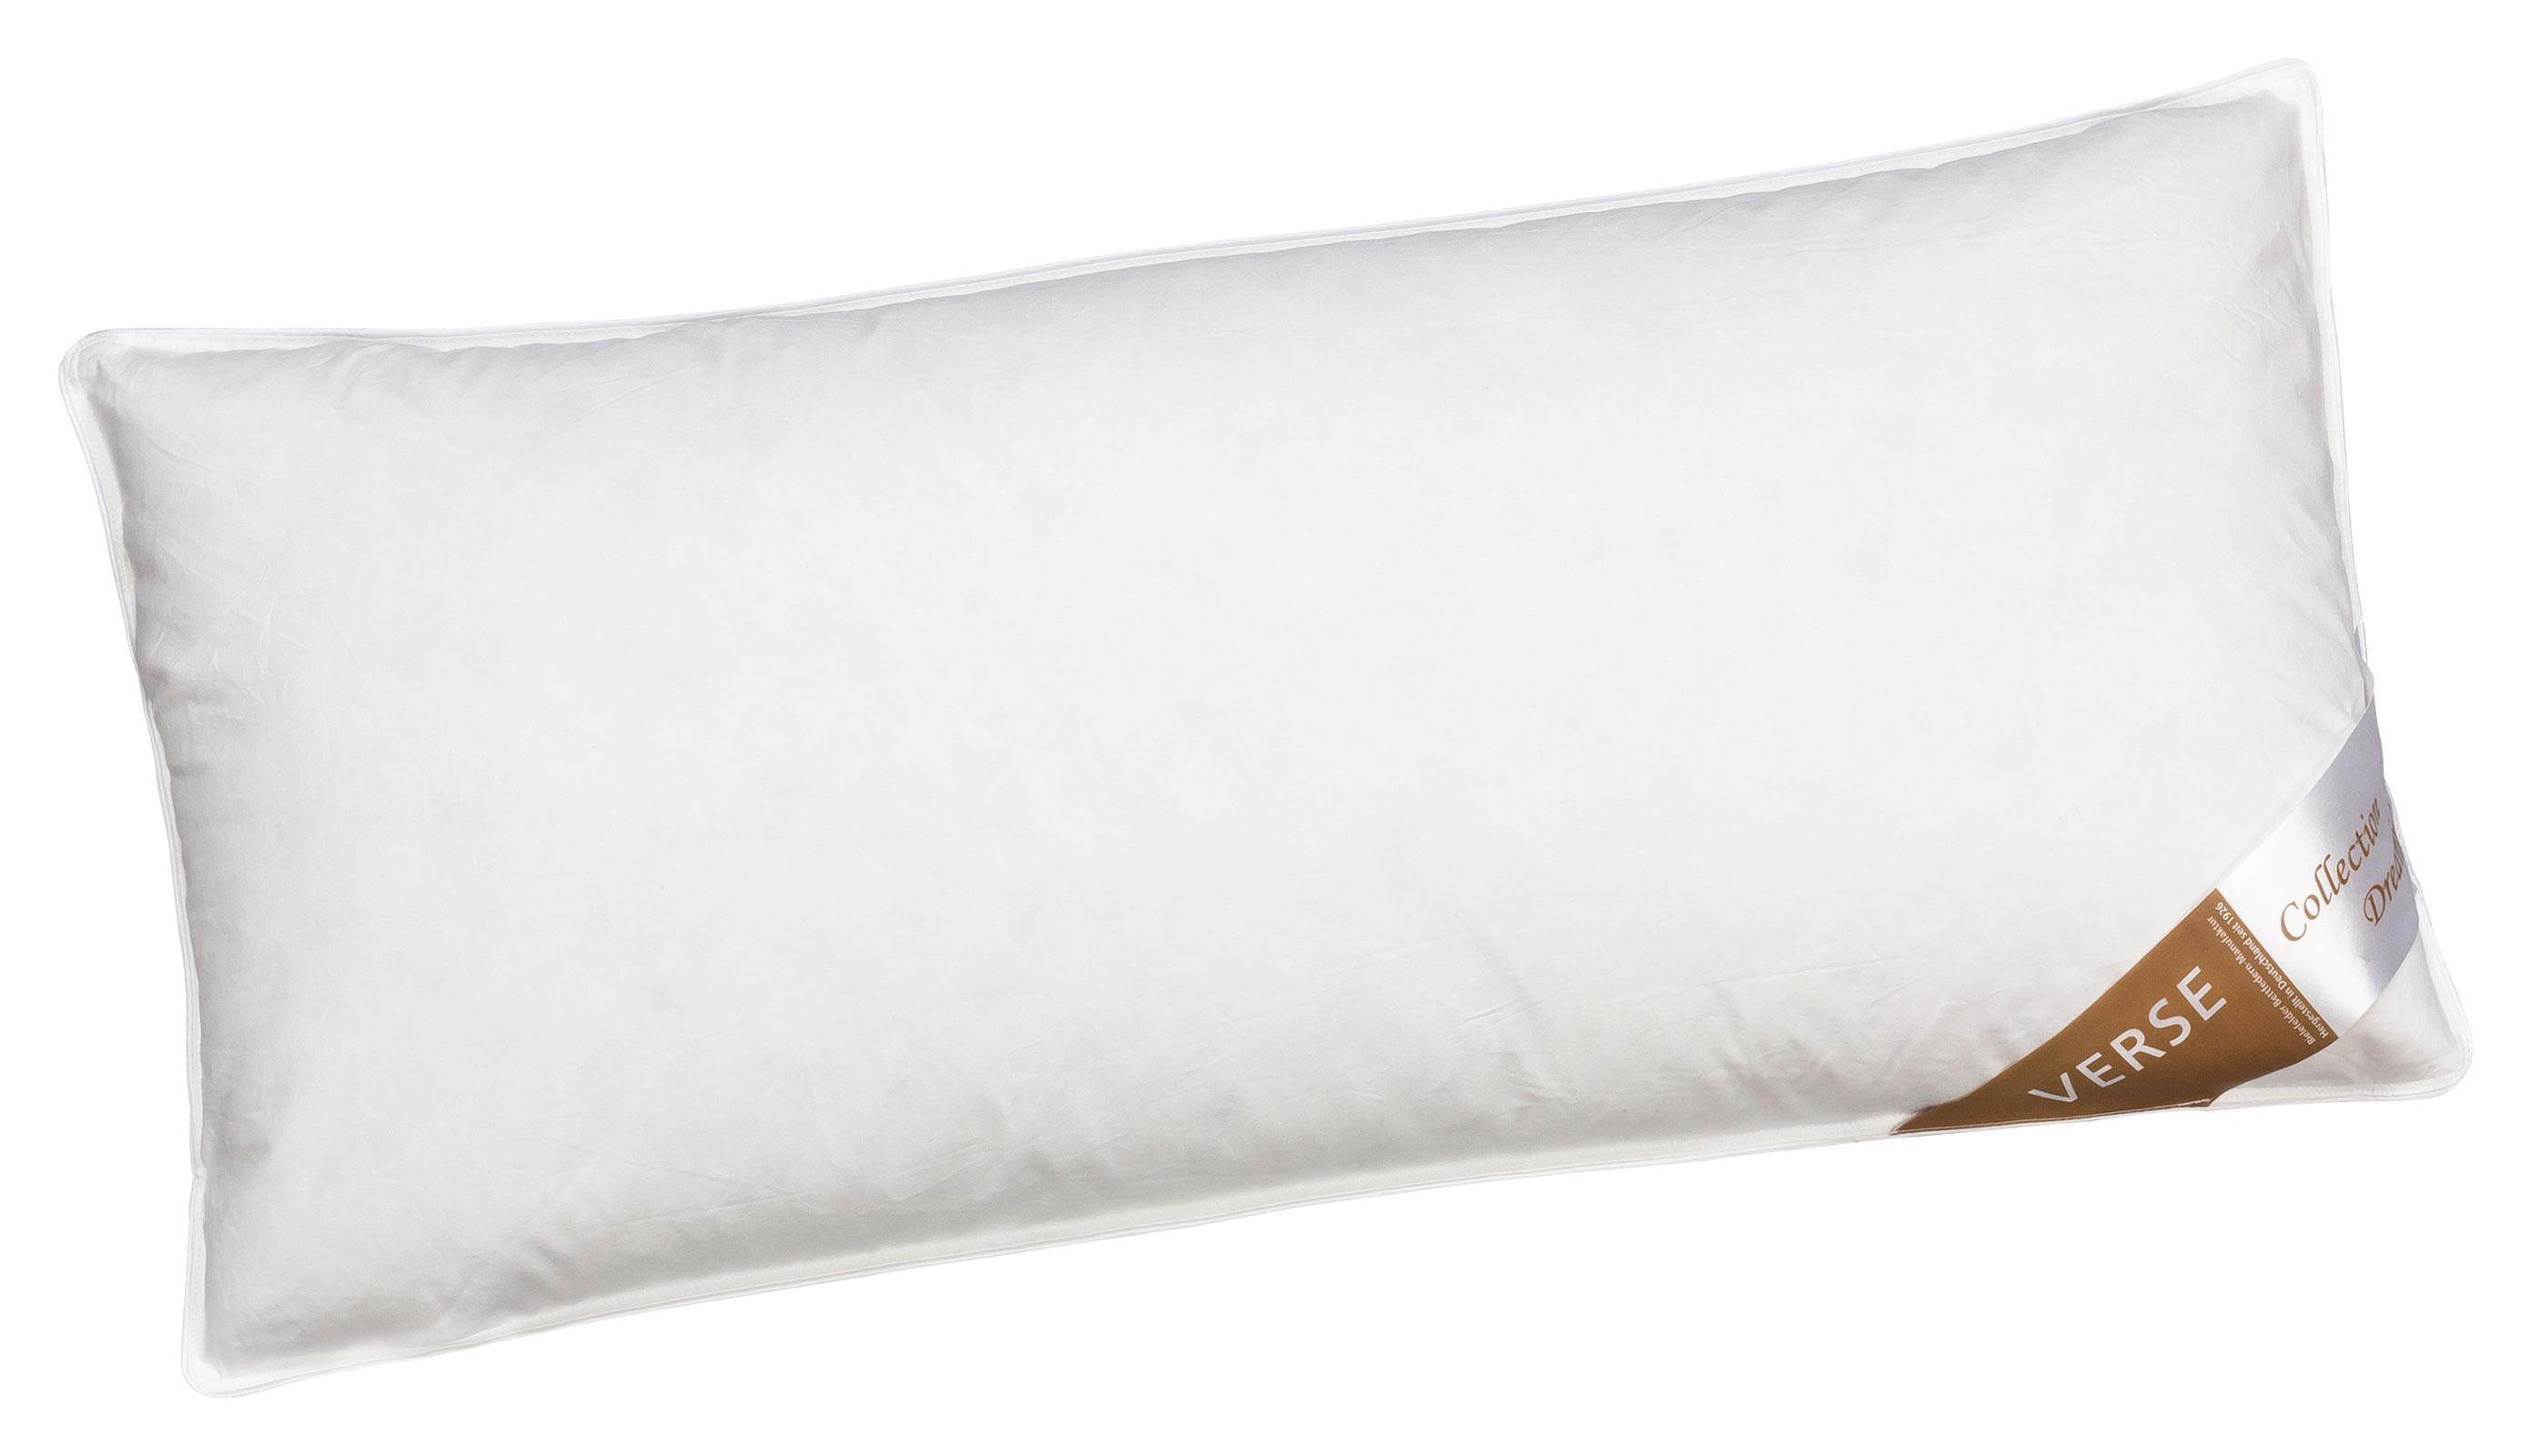 Bettdecken und Kopfkissen - 3 Kammer Kissen Kopfkissen Kammerkissen 40x80 Verse Collection Dreaming  - Onlineshop PremiumShop321